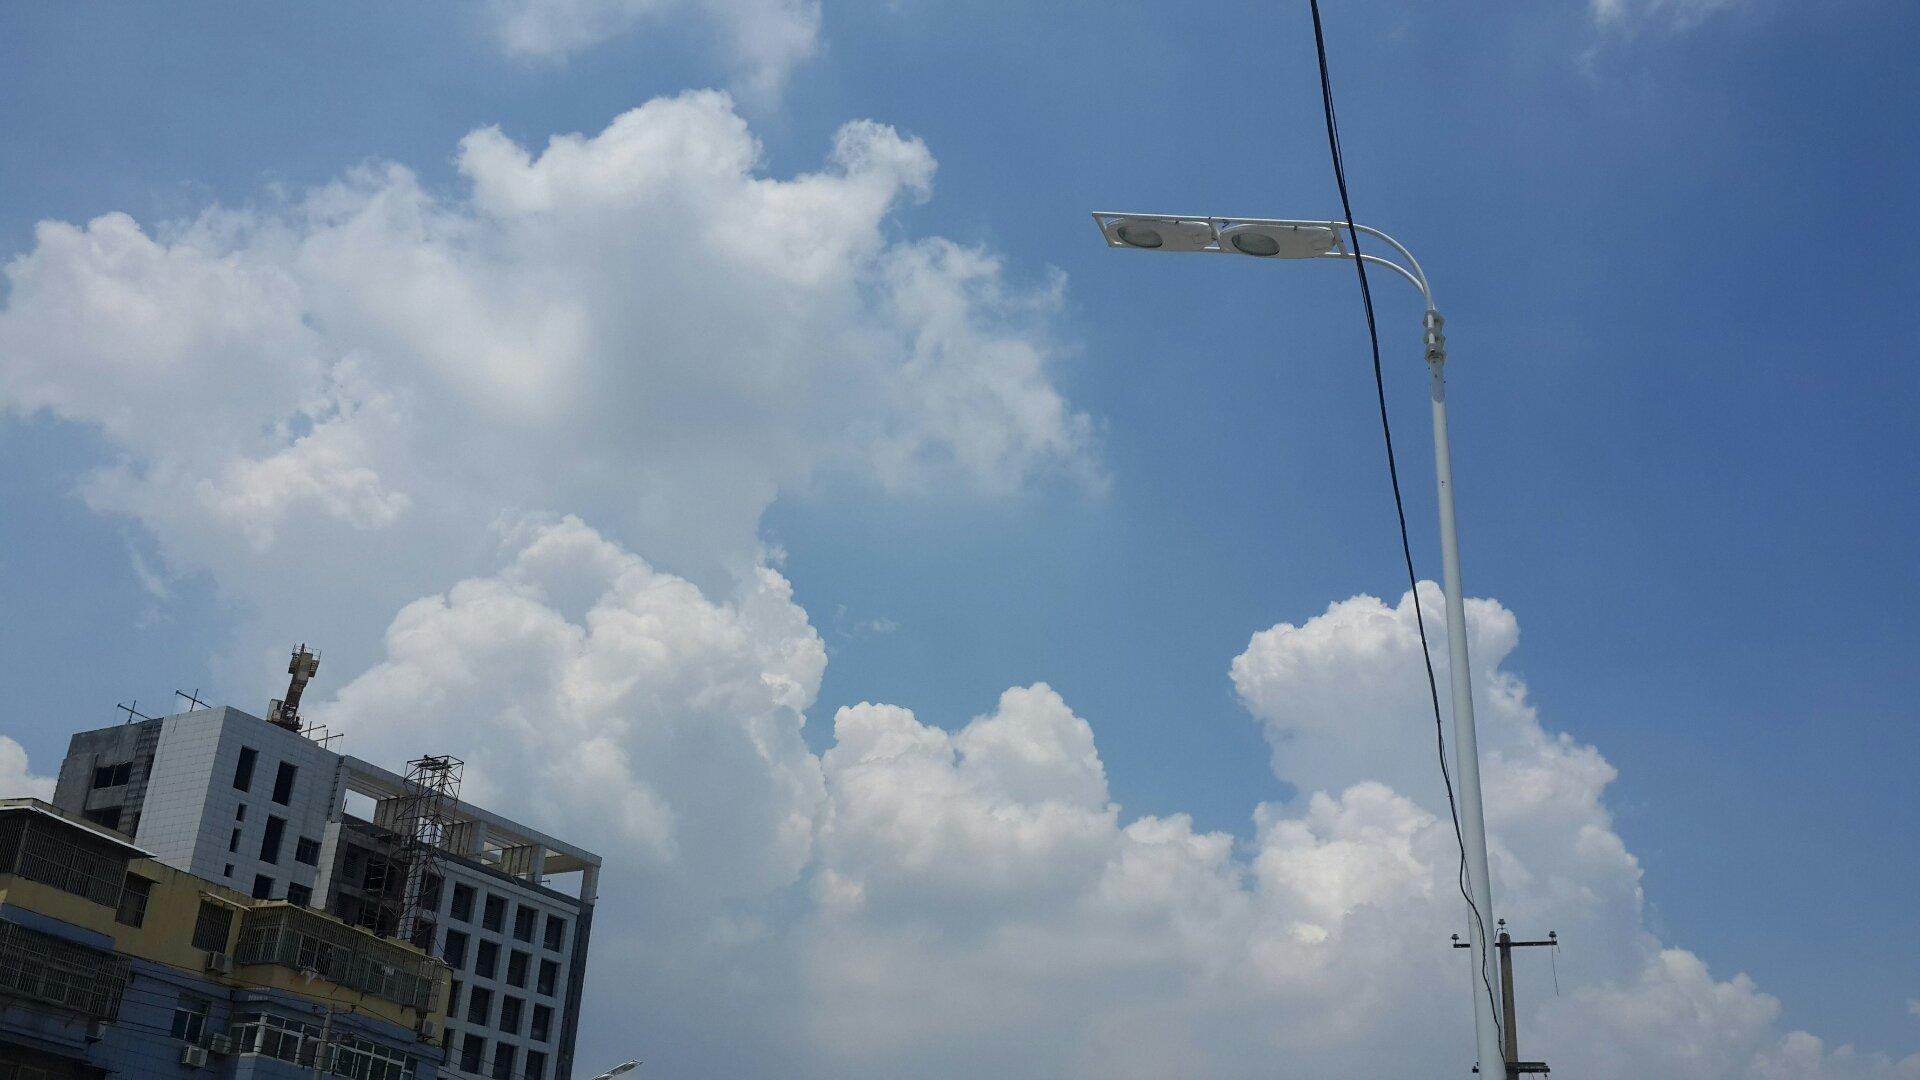 安徽省淮北市杜集区东山路靠近淮北农商银行(东山路)天气预报